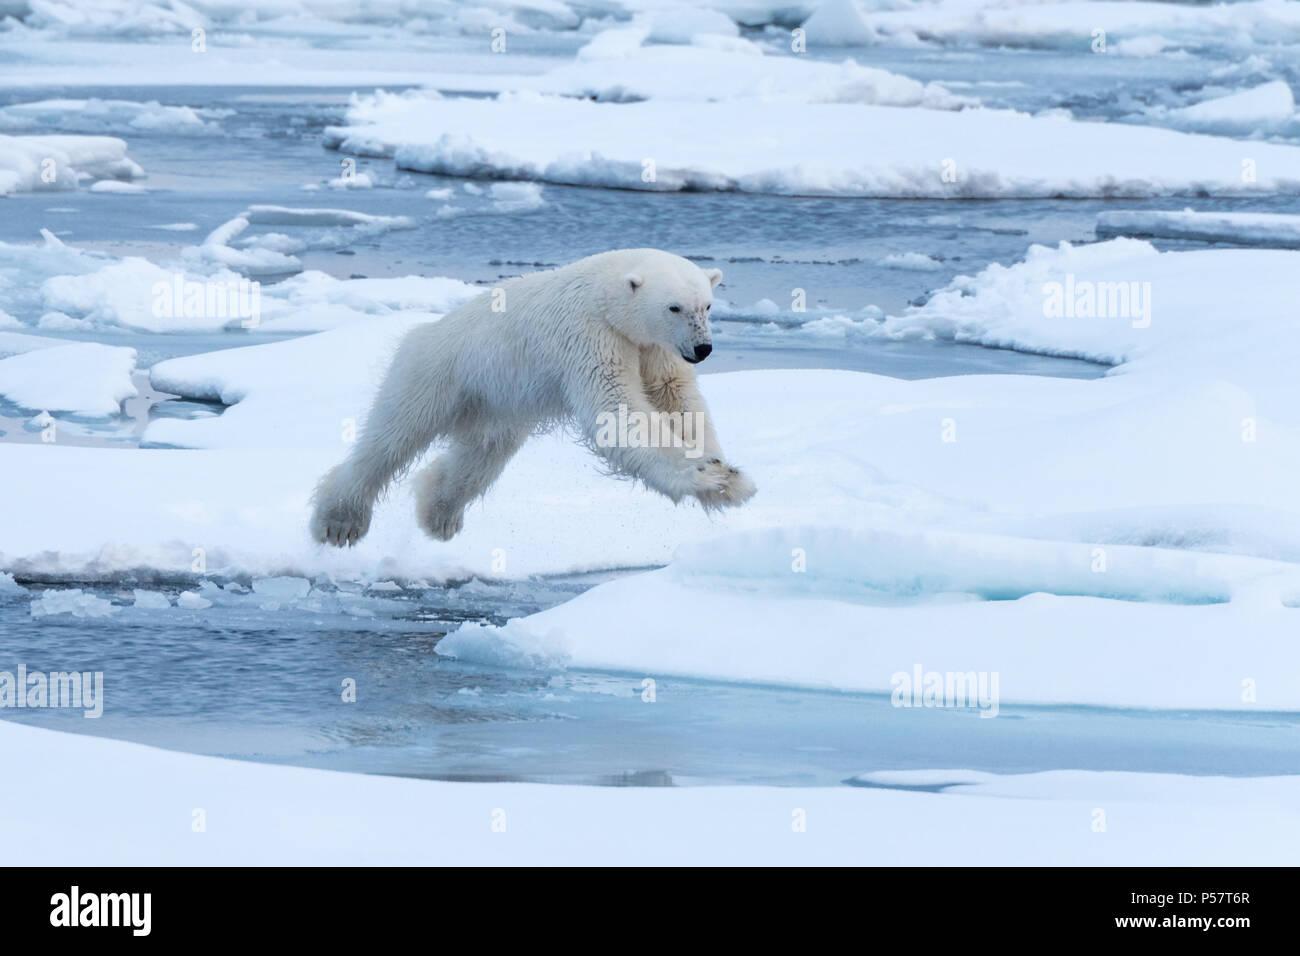 Le saut de l'ours polaire entre des blocs de glace Photo Stock